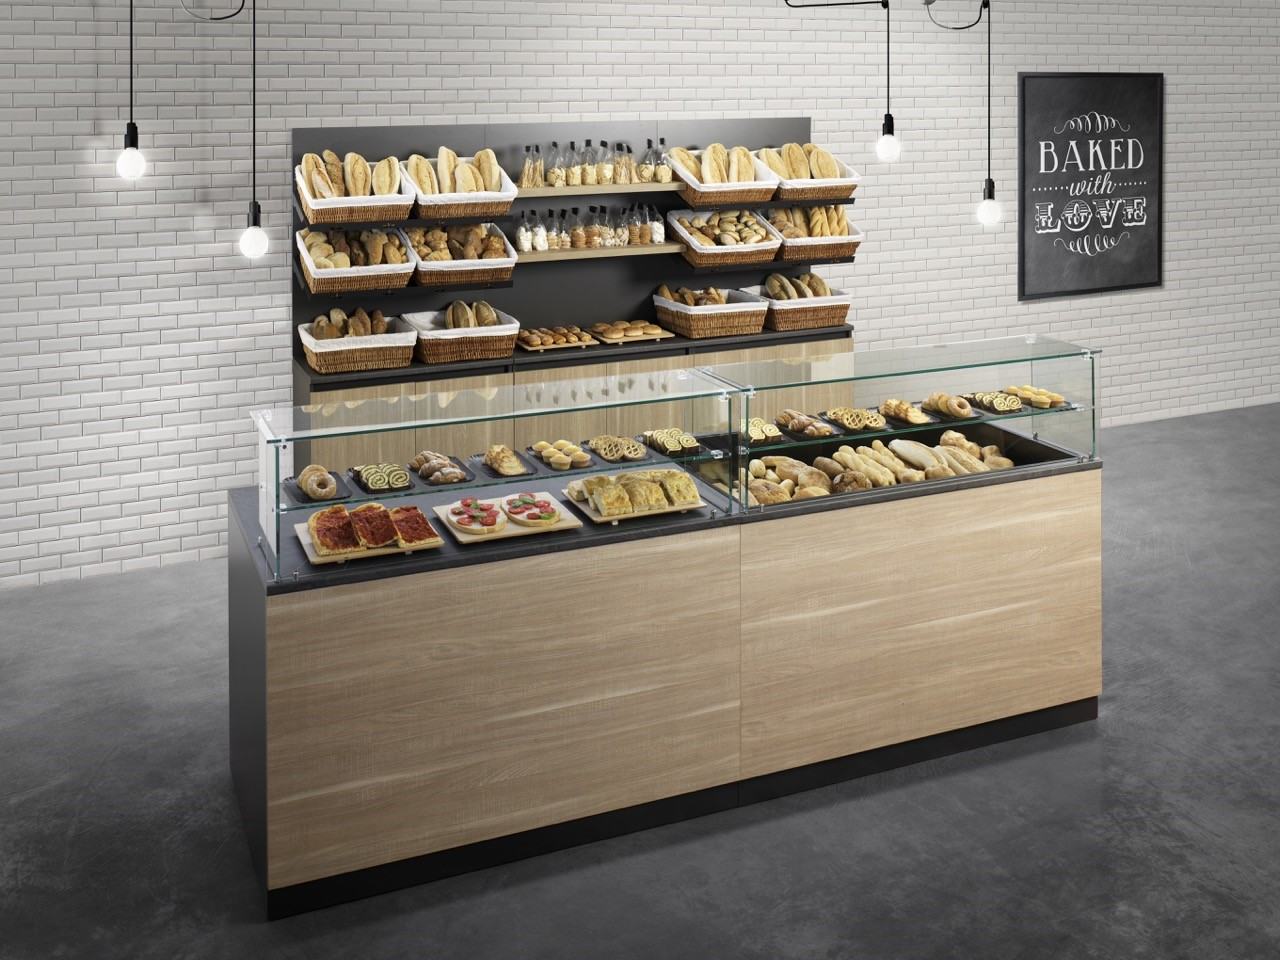 Bakerycafe arredamenti per panetteria panificio bar for Arredamento panetteria